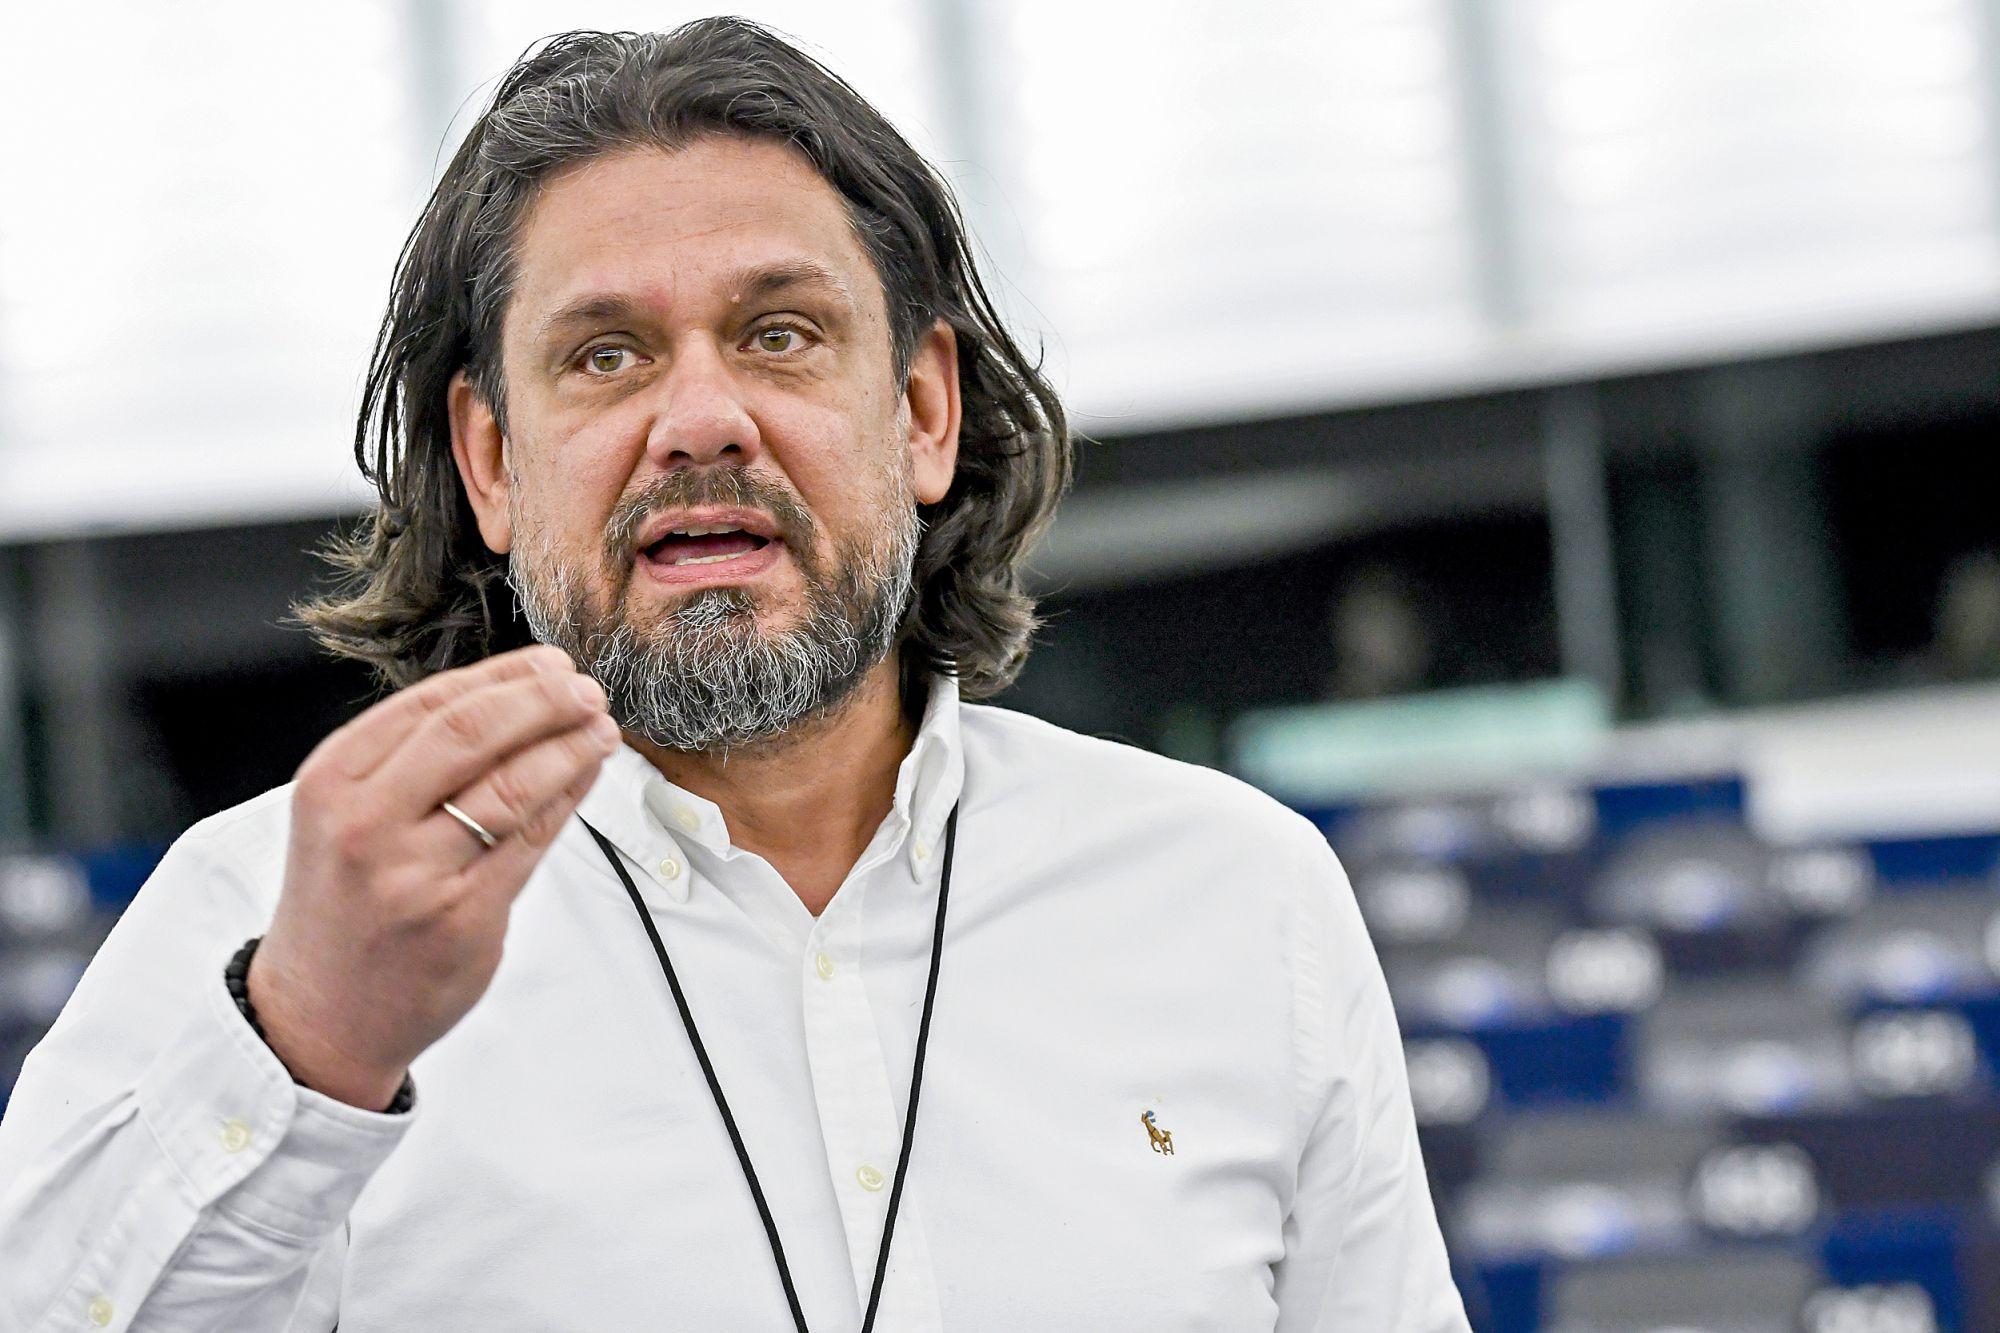 Deutsch: Európa konfliktusait mindig is a birodalmi gondolkodás okozta